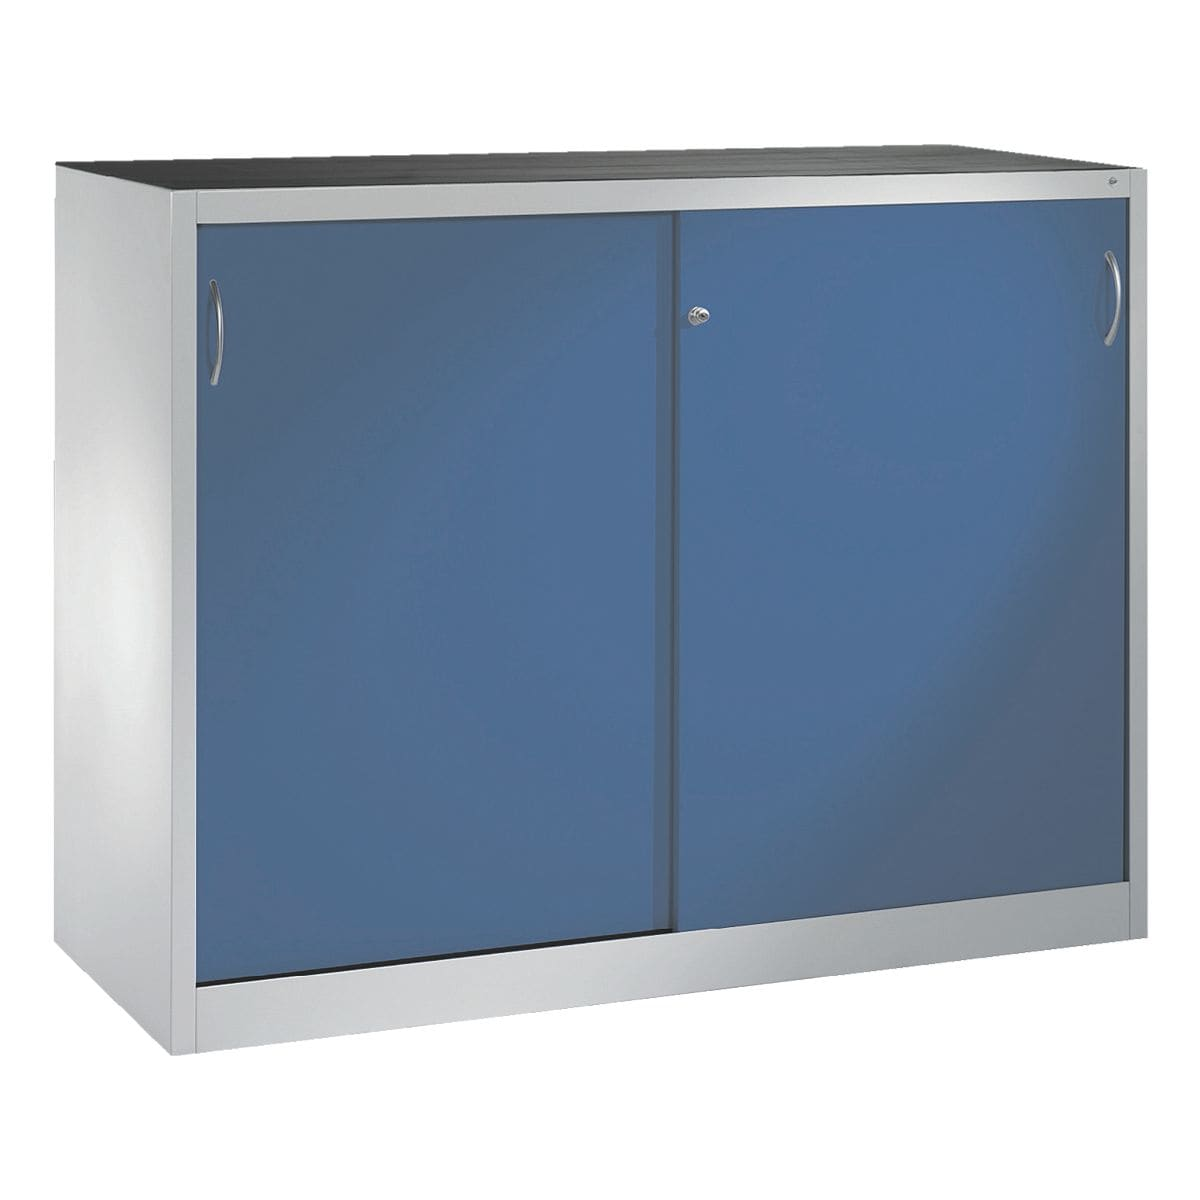 cp stahlschrank abschlie bar 160 x 120 cm schiebet r bei otto office g nstig kaufen. Black Bedroom Furniture Sets. Home Design Ideas